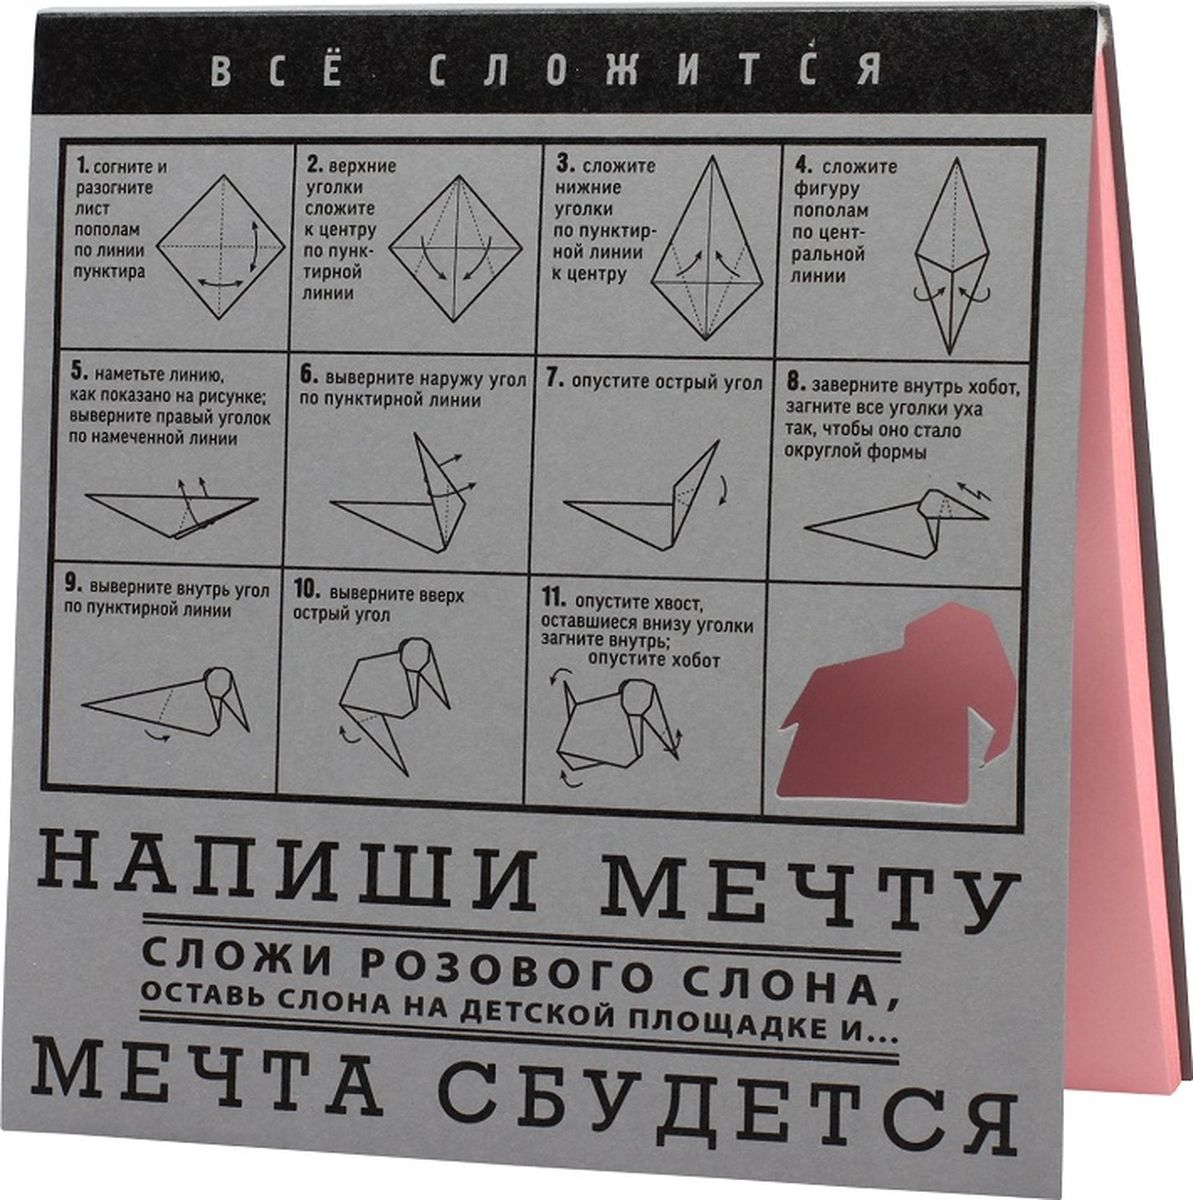 Бюро находок Блокнот Оригами Розовый слон 40 листовOB01Блокнот Бюро находок Оригами. Розовый слон предназначен ля тех, кто верит в чудеса, для неисправимых романтиков, мечтателей и любителей оригами.Для чего: чтобы все сложилось, полетело, поплыло, развернулось и сбылось. Из чего: картон, бумага, схема сложения желаний.